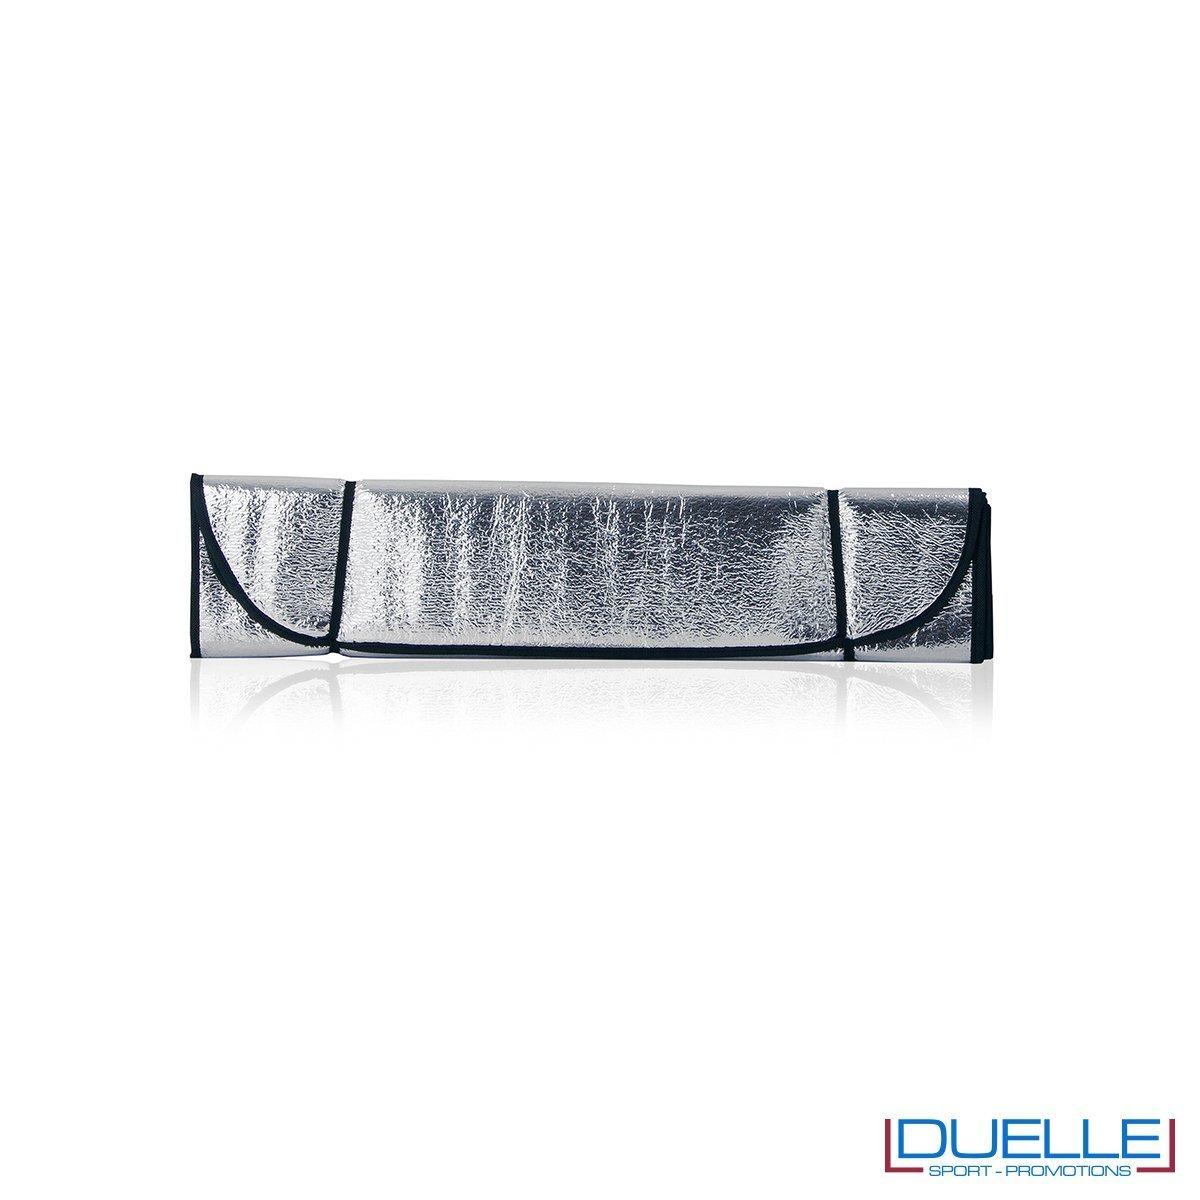 Parasole personalizzato per auto colore grigio, gadget estate personalizzabili colore grigio